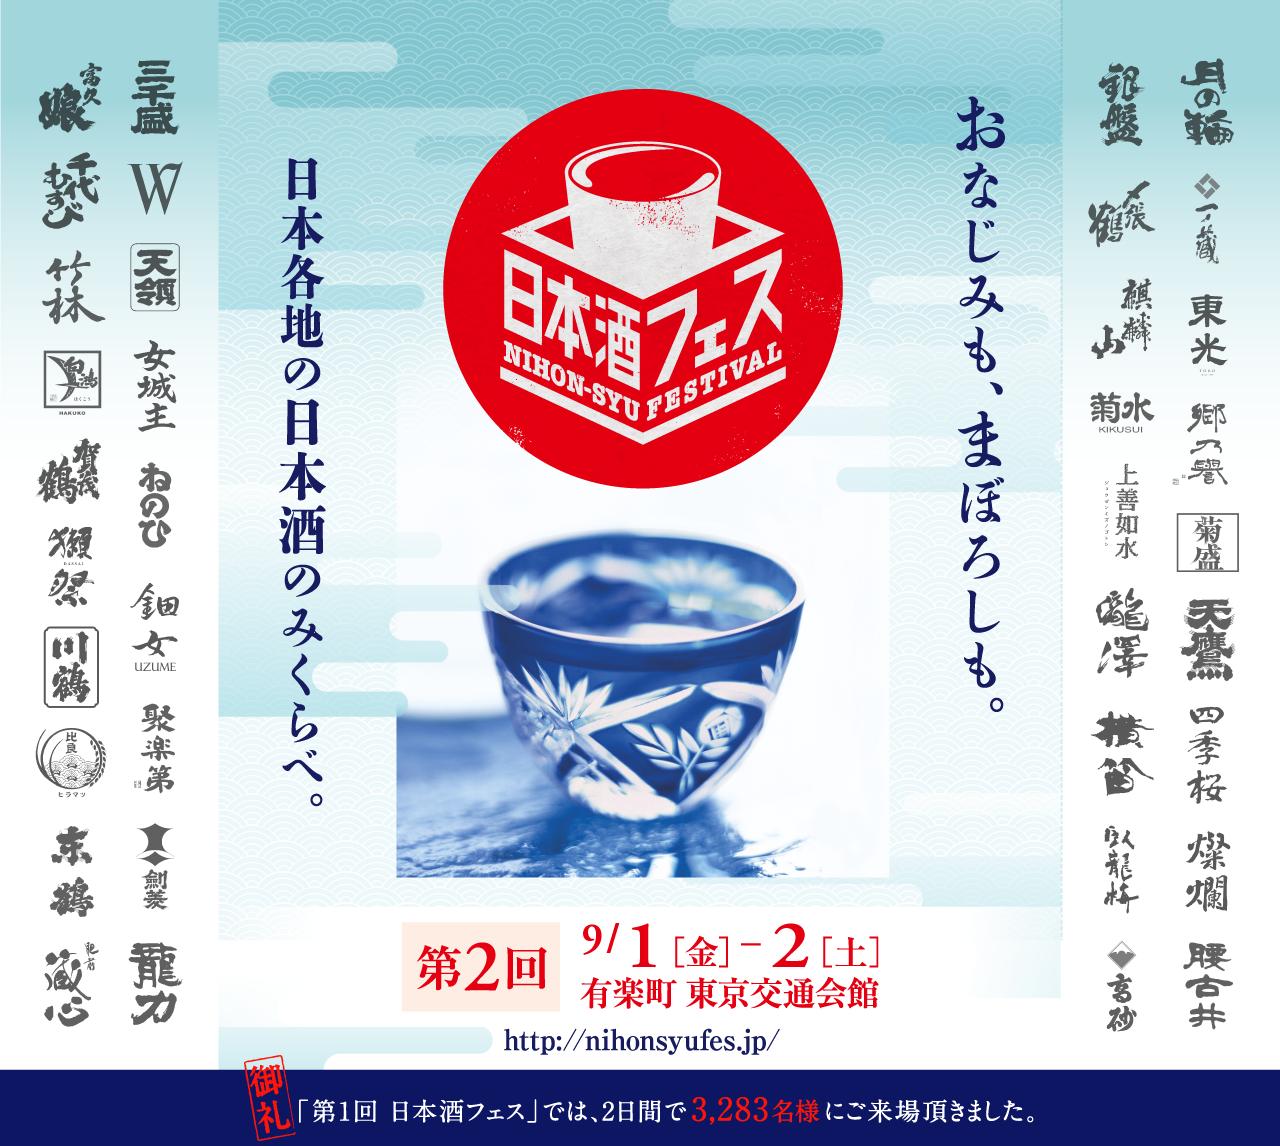 「日本酒フェス NIHON-SYU FESTIVAL」 おなじみも、まぼろしも。日本各地の日本酒のみくらべ。第2回9/1(金)〜2日(土)有楽町 東京交通会館